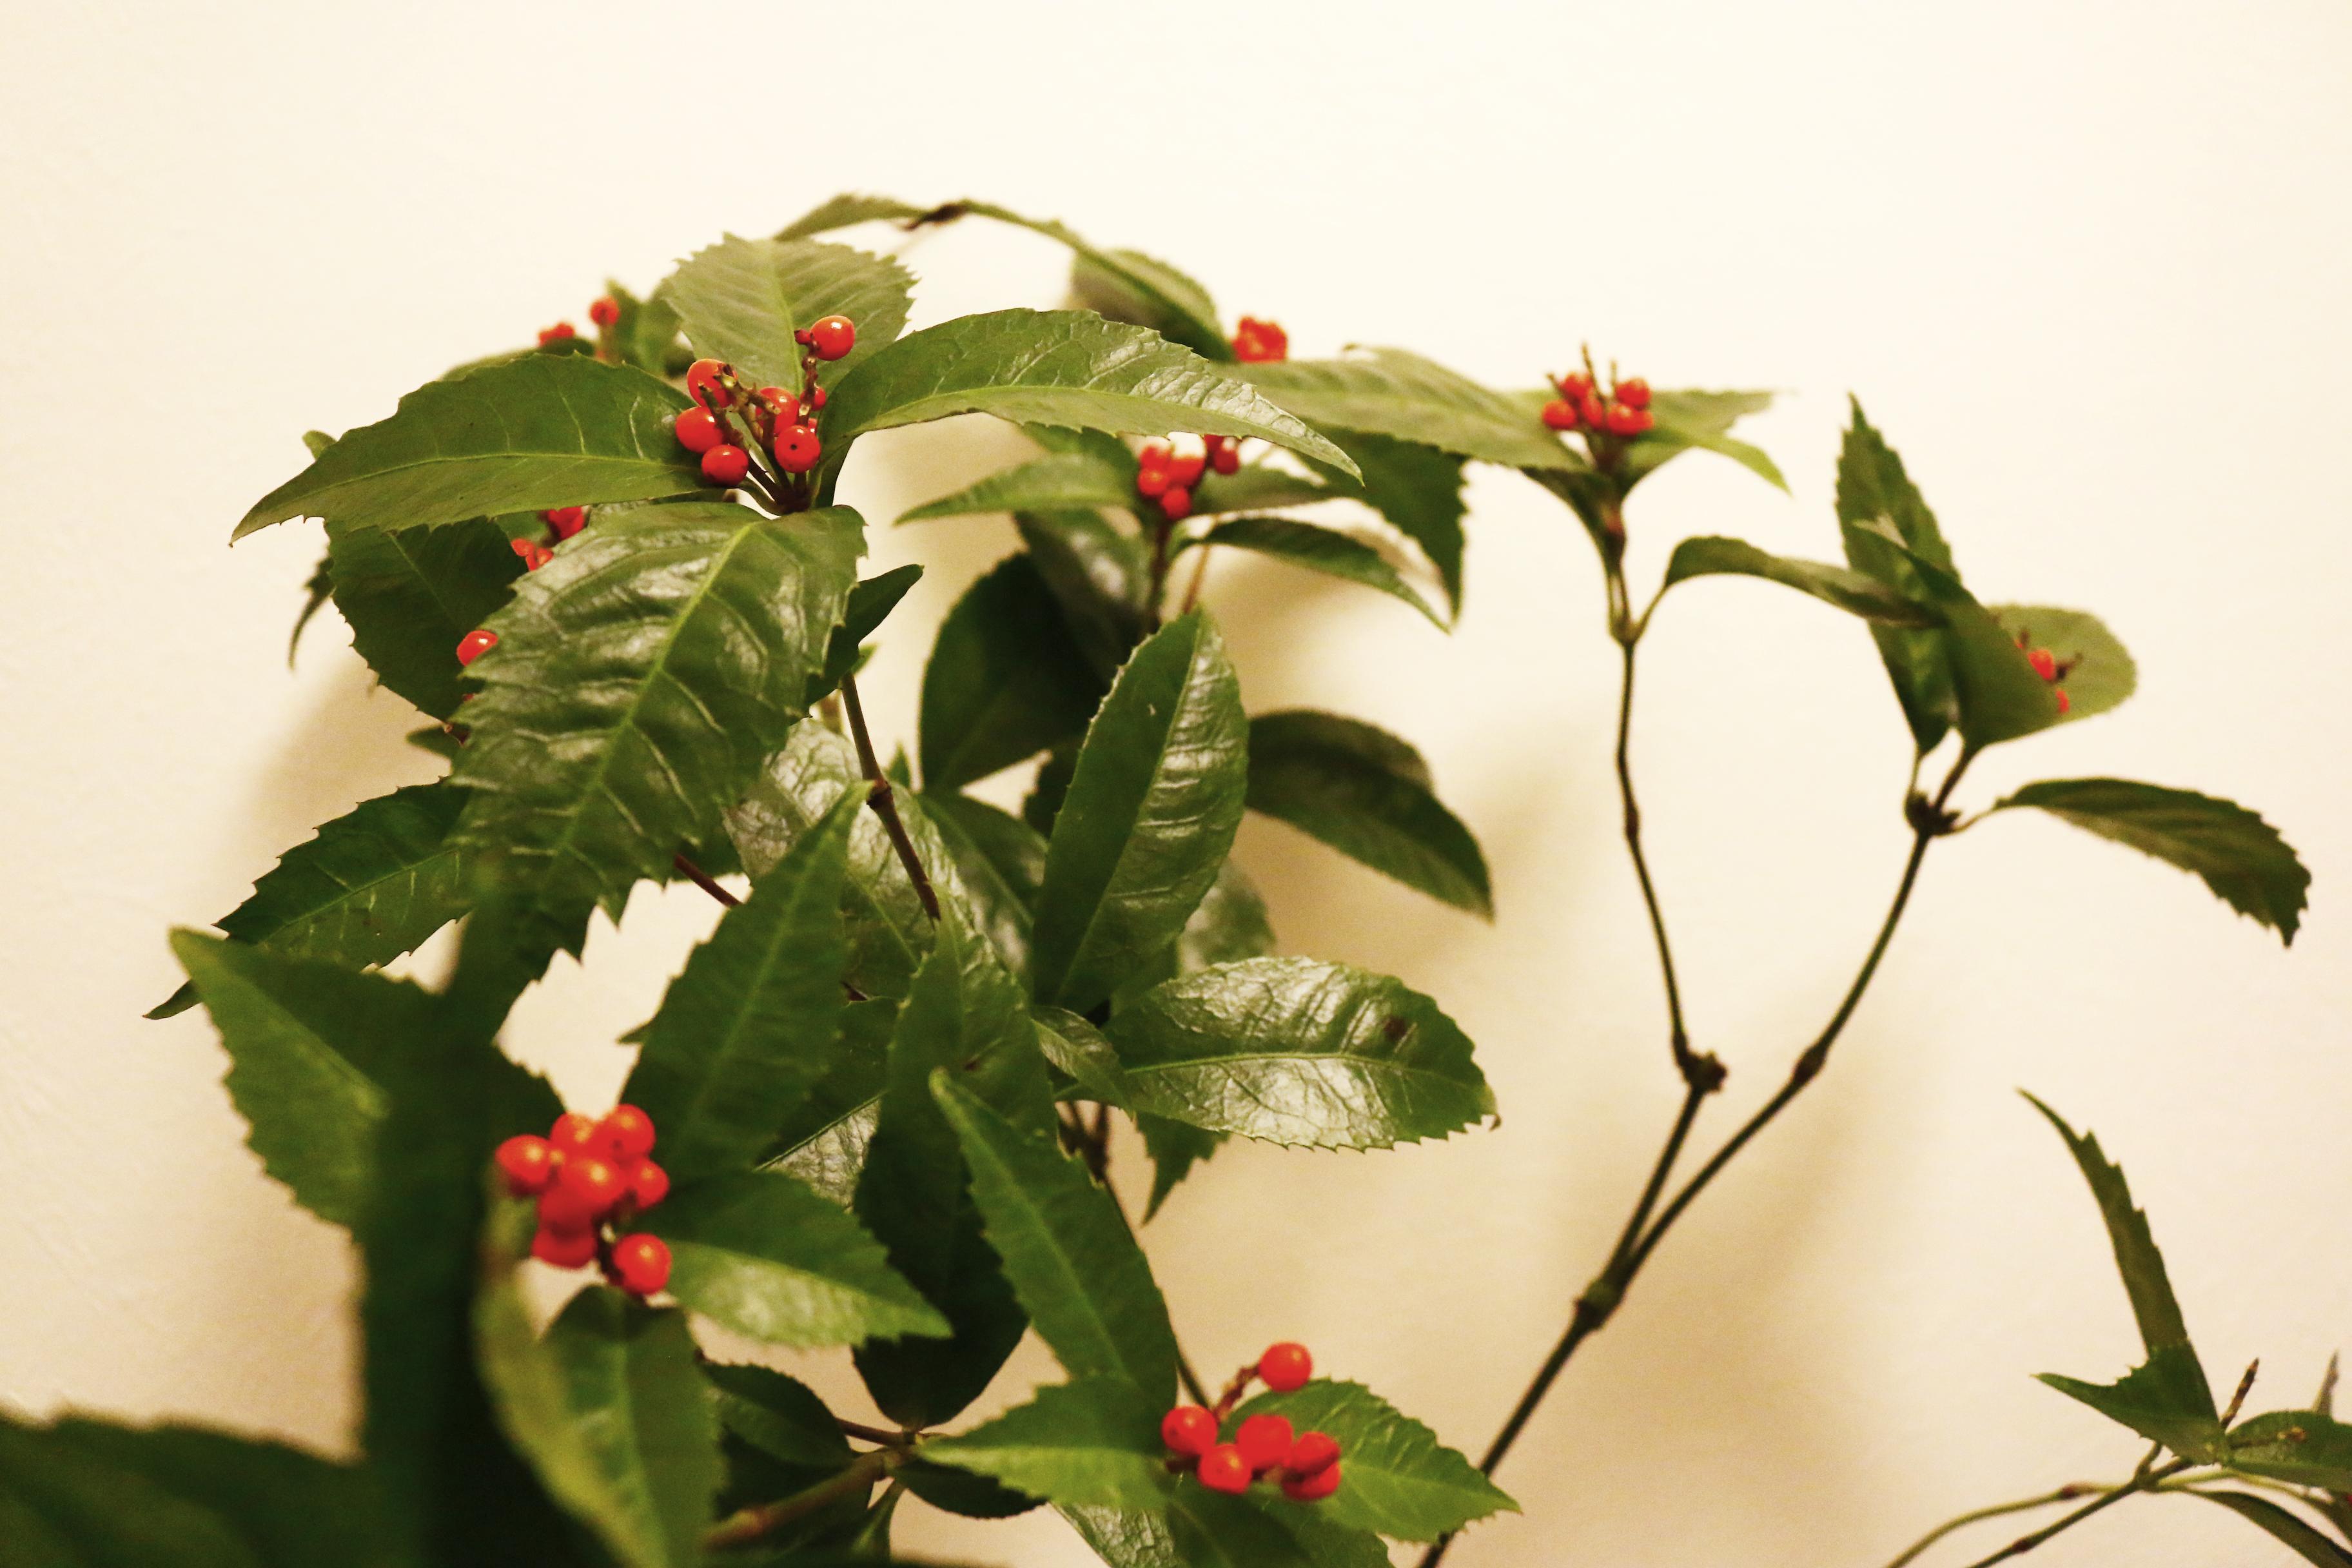 寒い季節に、花や実をつけることから金銭のように大切に扱われてきた実物。商売繁盛や金運向上と言われています。